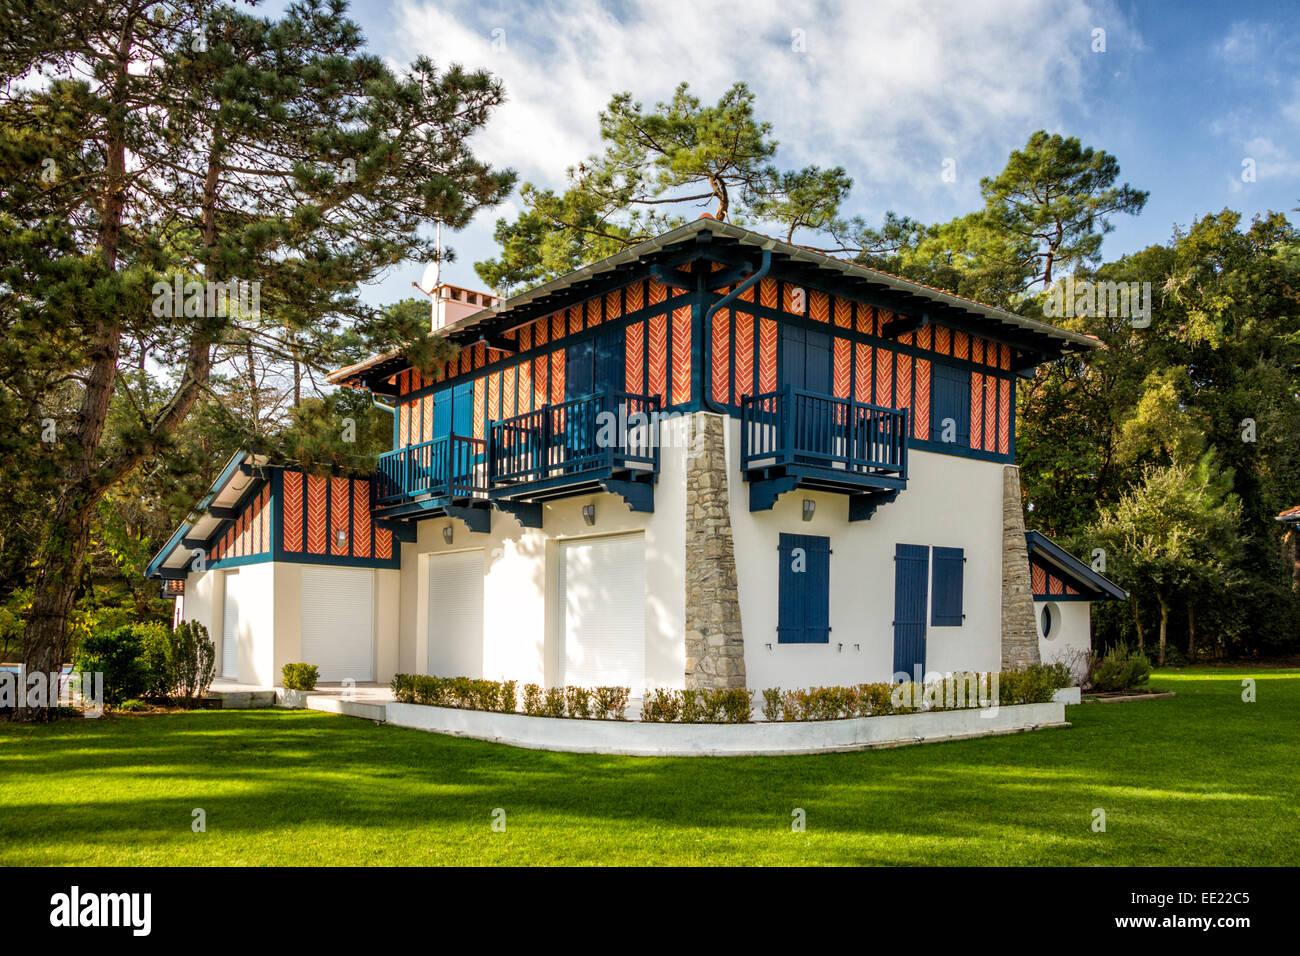 Dans les landes, une villa dans le style basco landais (Hossegor - France). Hossegor Maison. Photo Stock